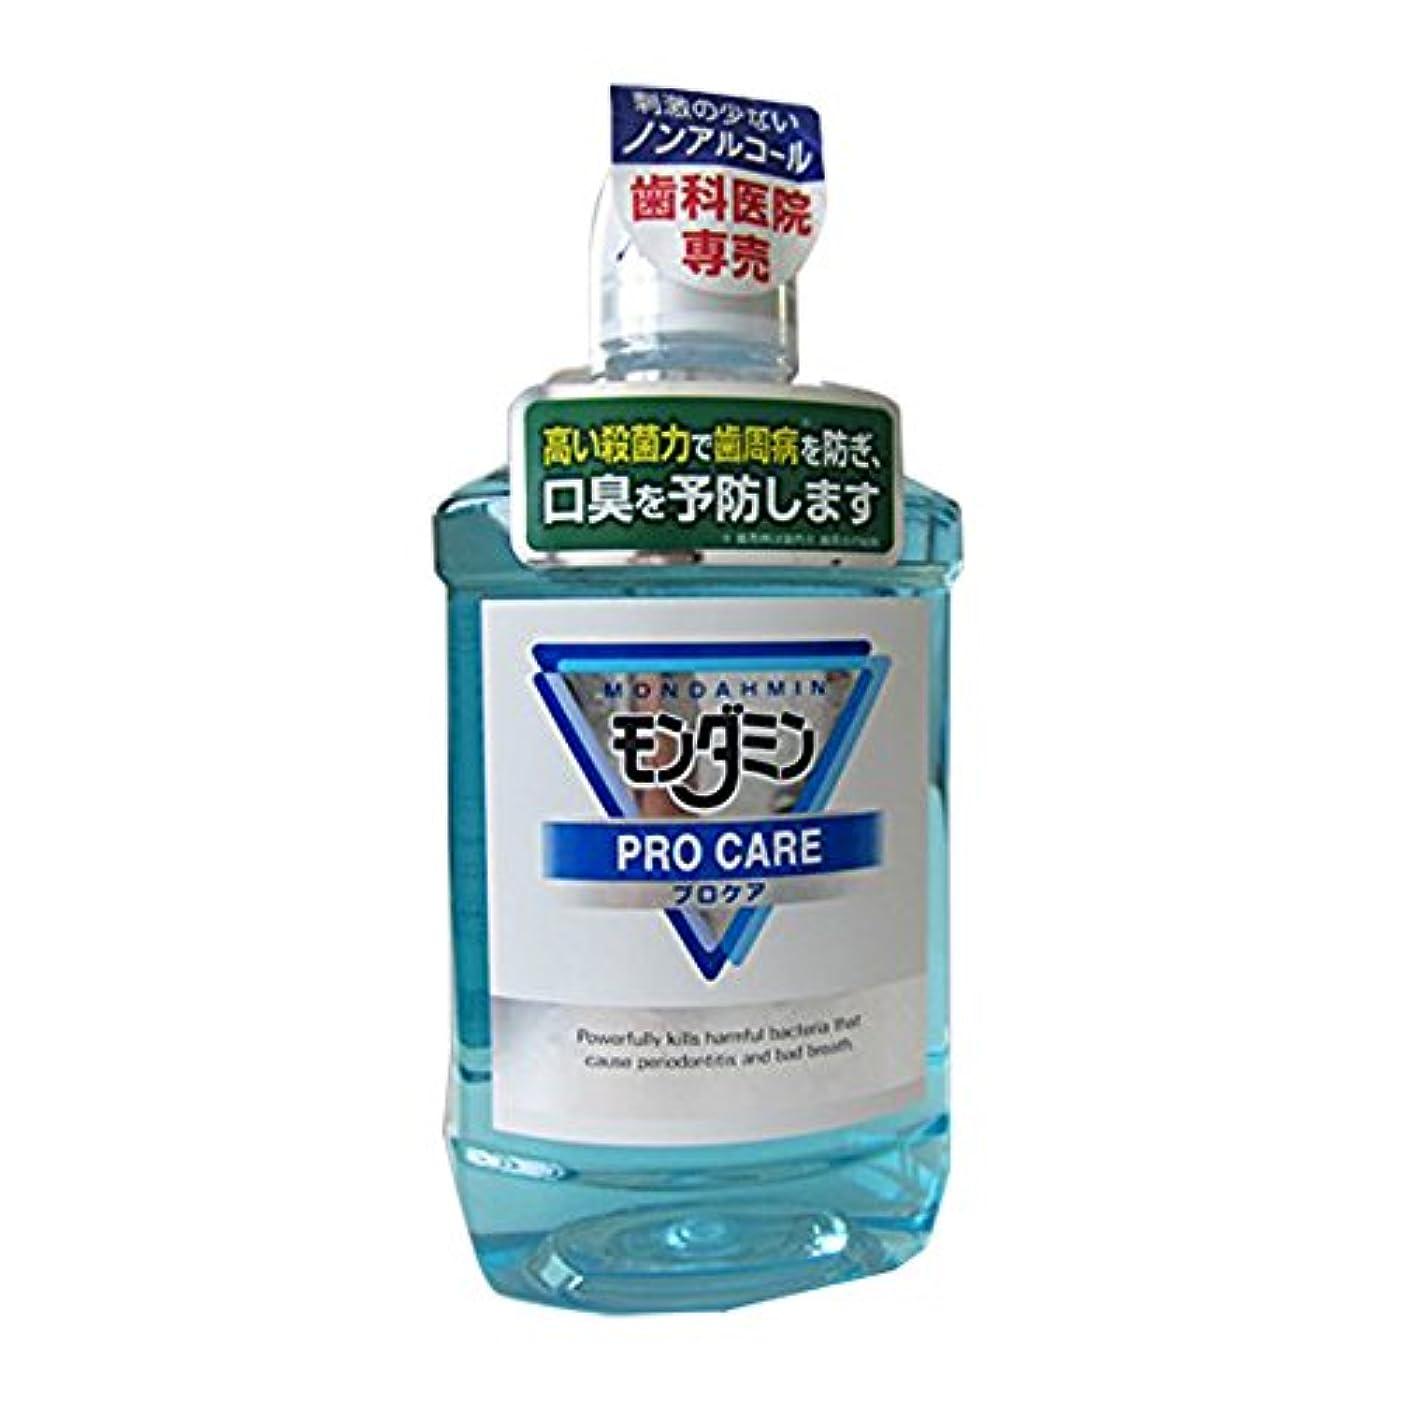 モンダミン モンダミン プロケア 1000ml ボトル 液体歯磨き単品